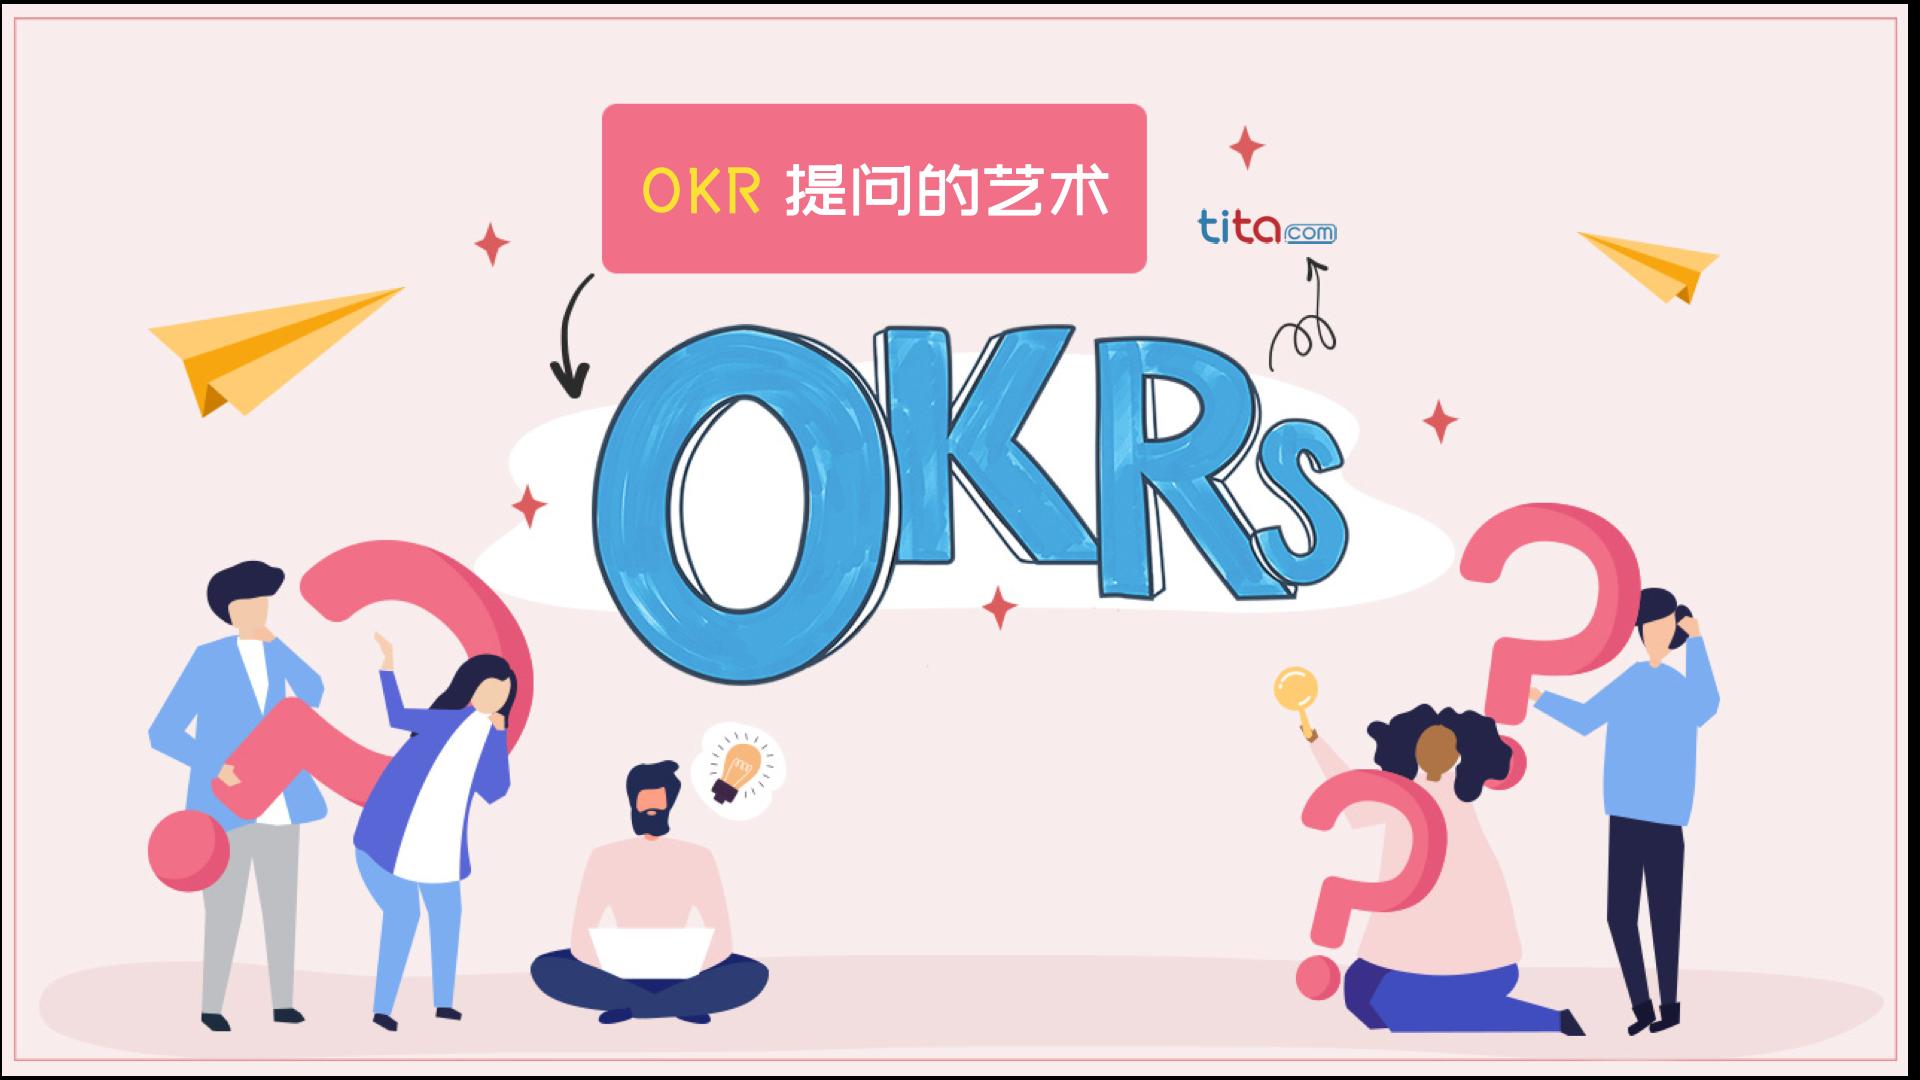 数字营销的 OKR 案例库